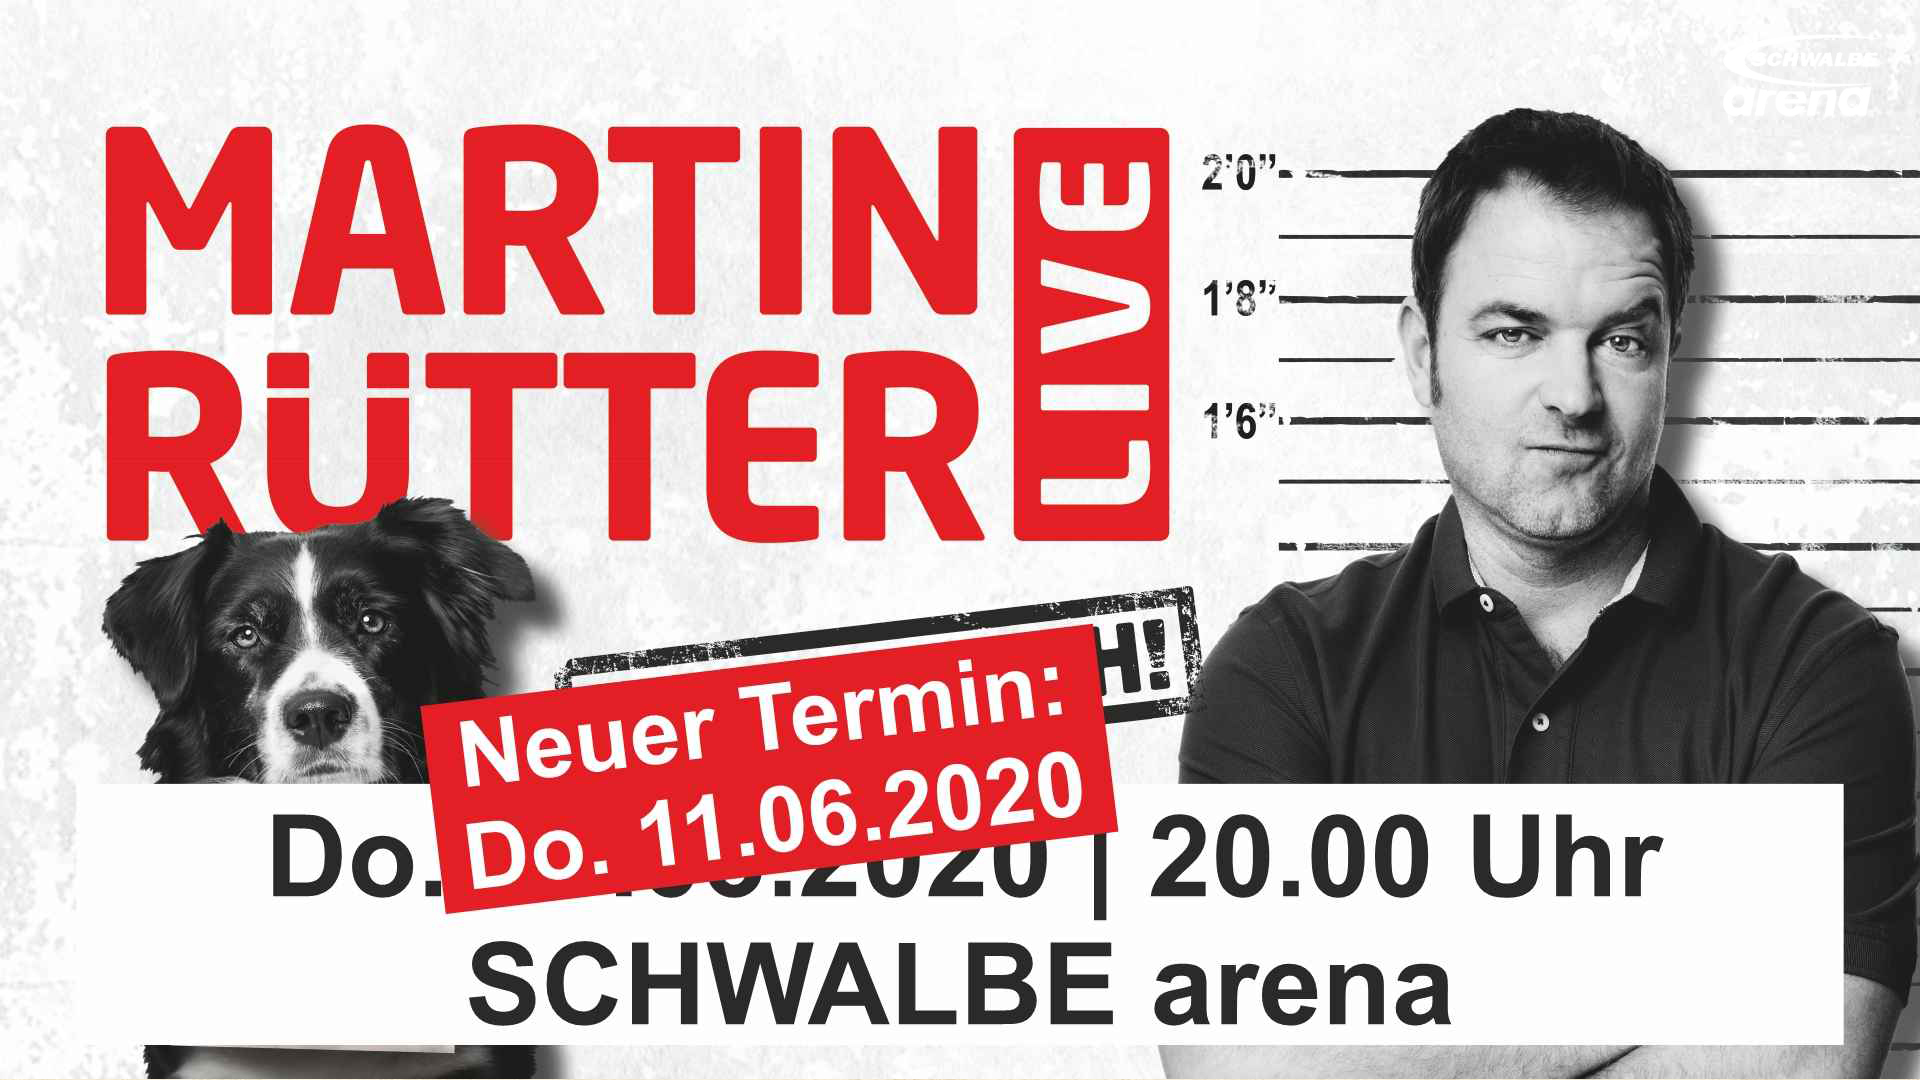 SCHWALBE arena | Martin Rütter - Freispruch